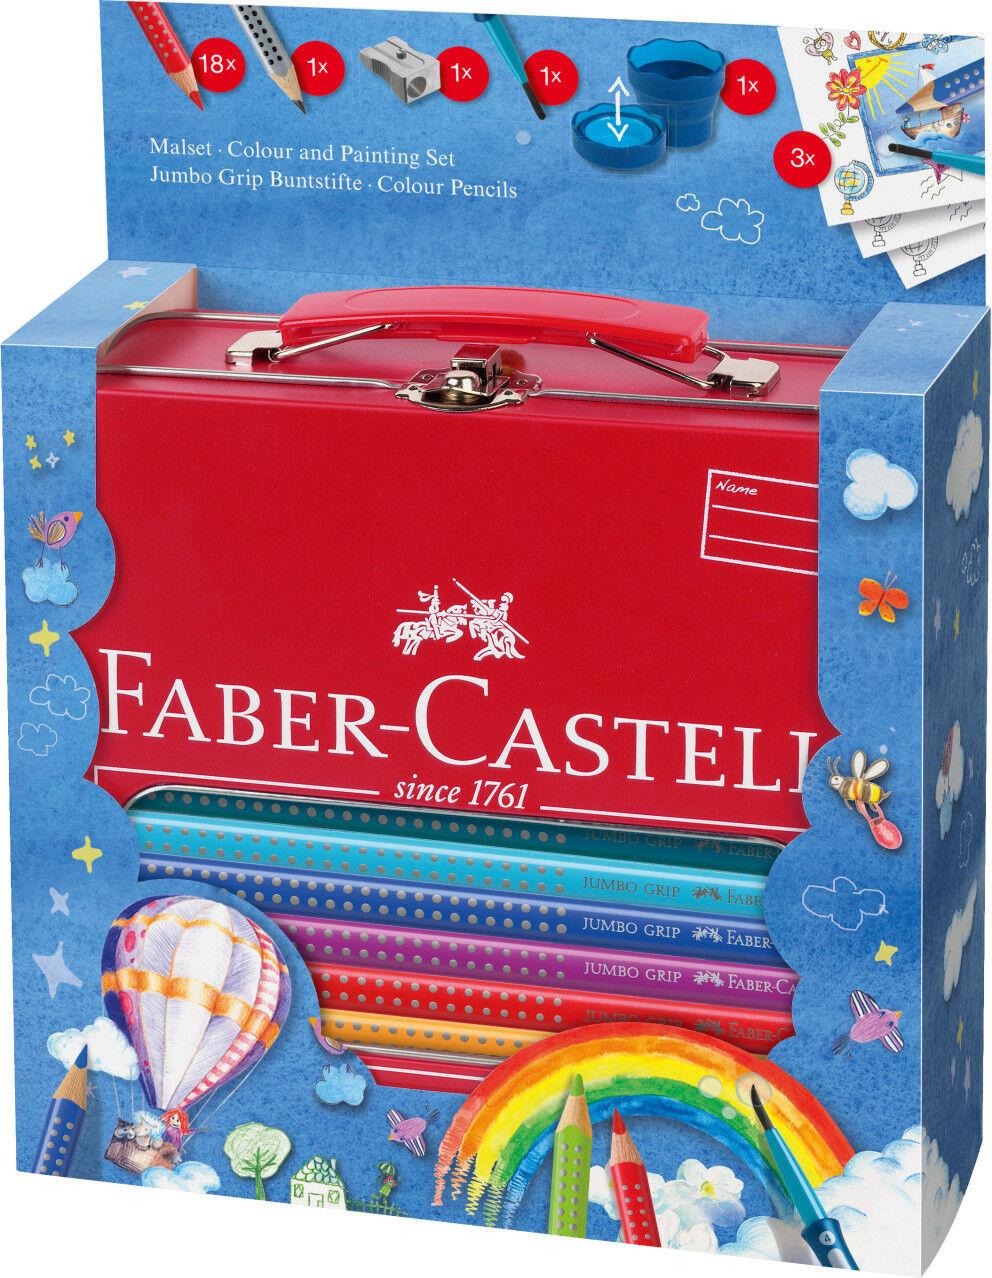 JUMBO GRIP Buntstifte, Bleistift, Pinsel & Becher Faber-Castell Malset Koffer | Neuartiges Design  | Modern Und Elegant  | Elegant Und Würdevoll